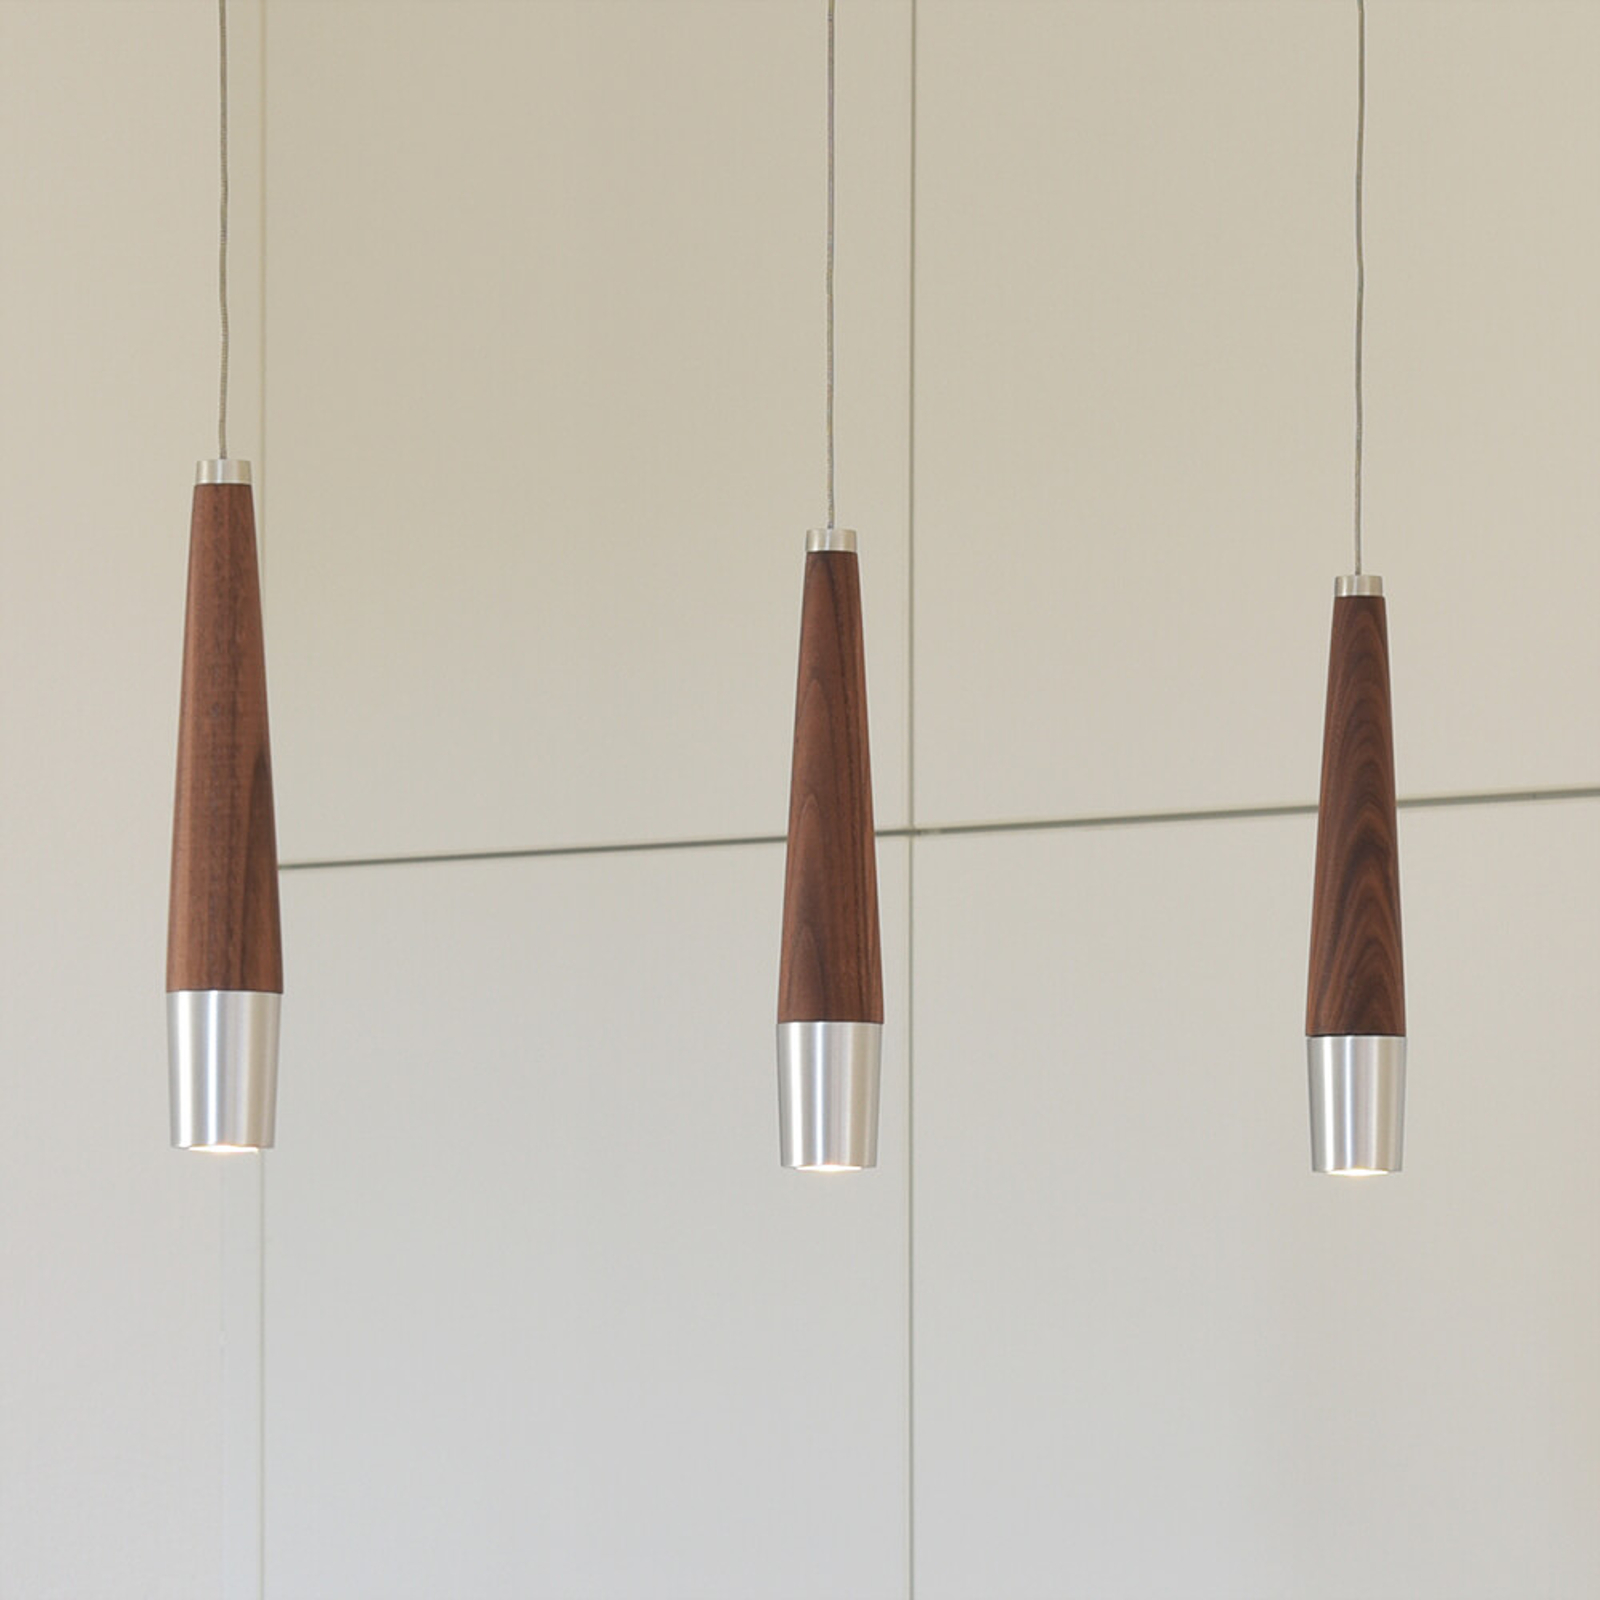 HerzBlut Conico LED-hængelampe nød, 3 lyskilder